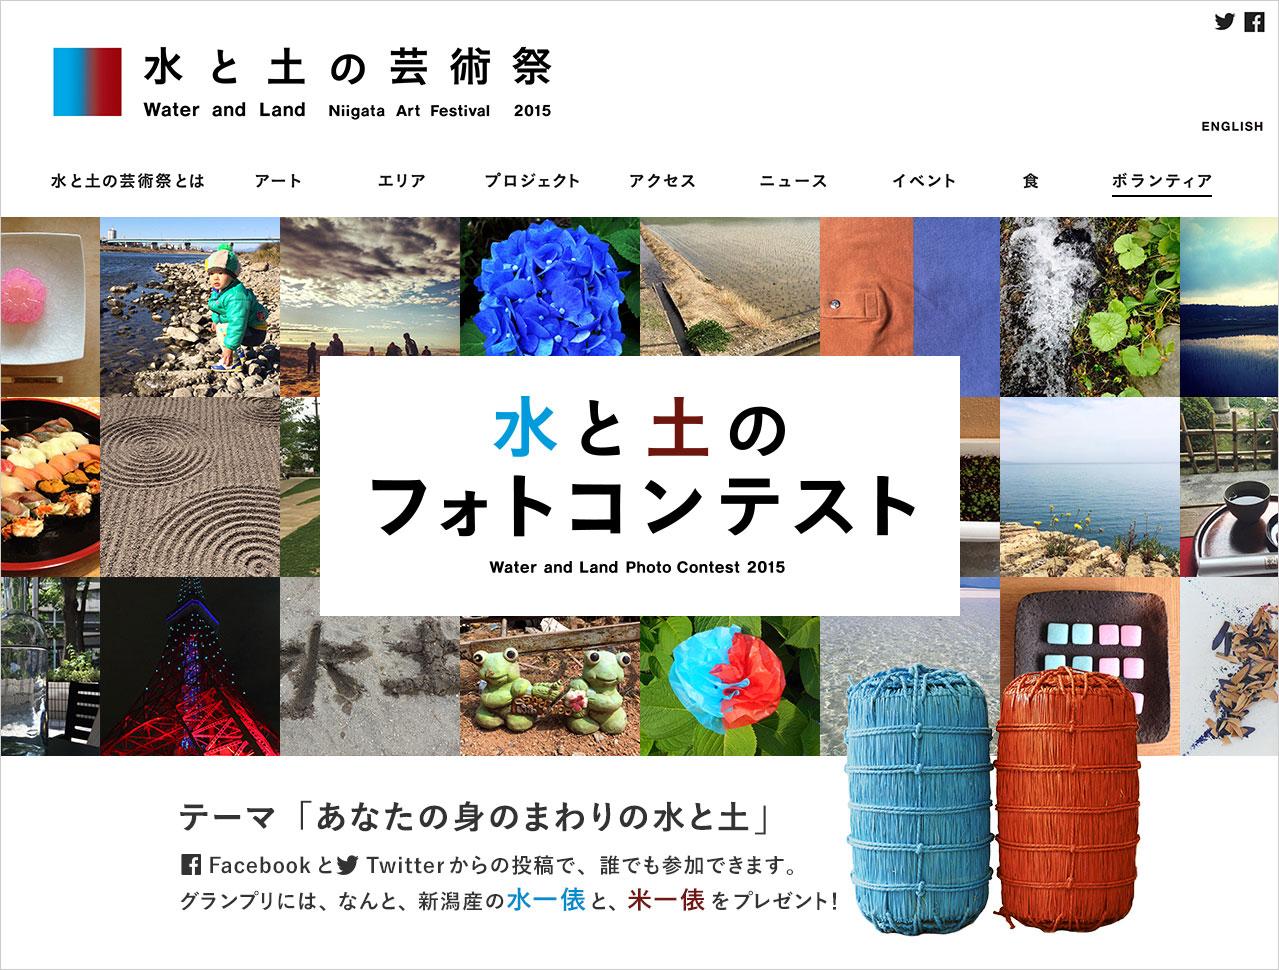 水と土の芸術祭 / プロモーションサイト